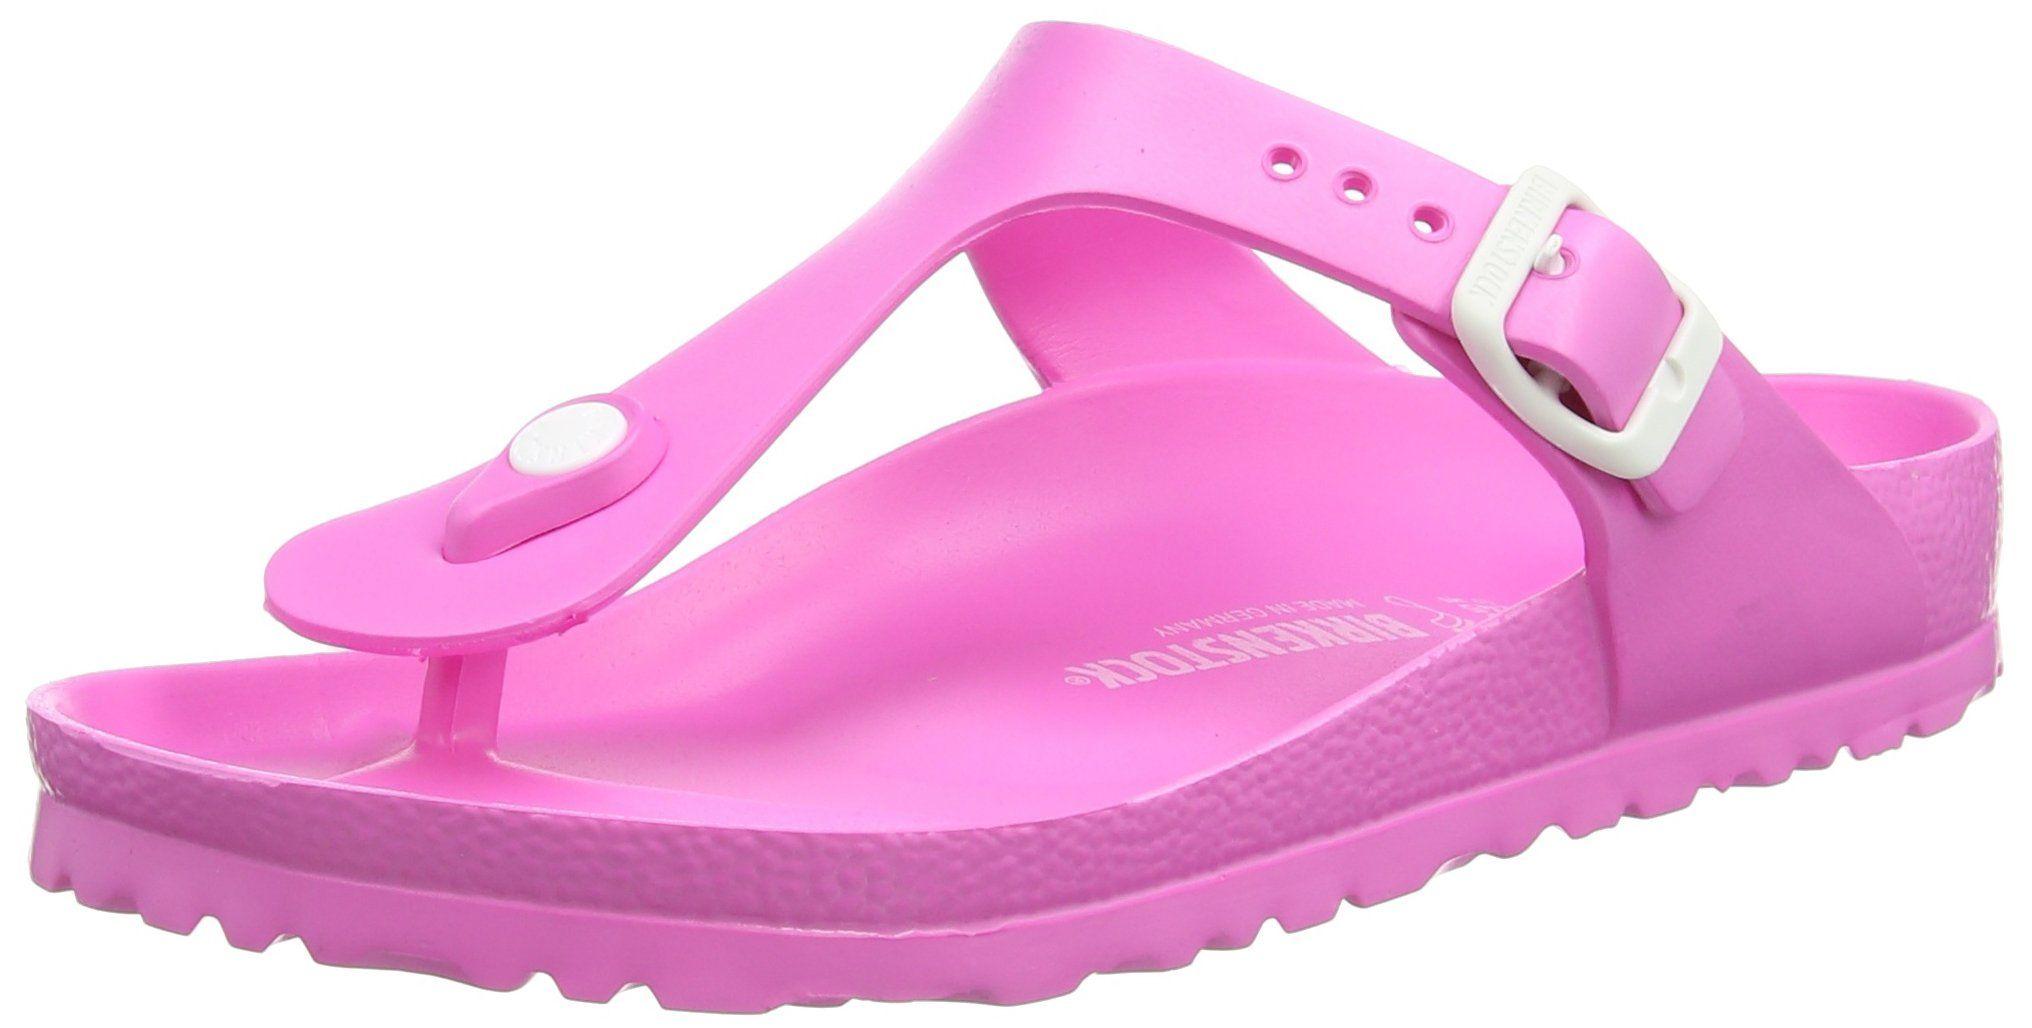 Birkenstock Gizeh Eva Regular Fit Womens Sandals Neon Pink